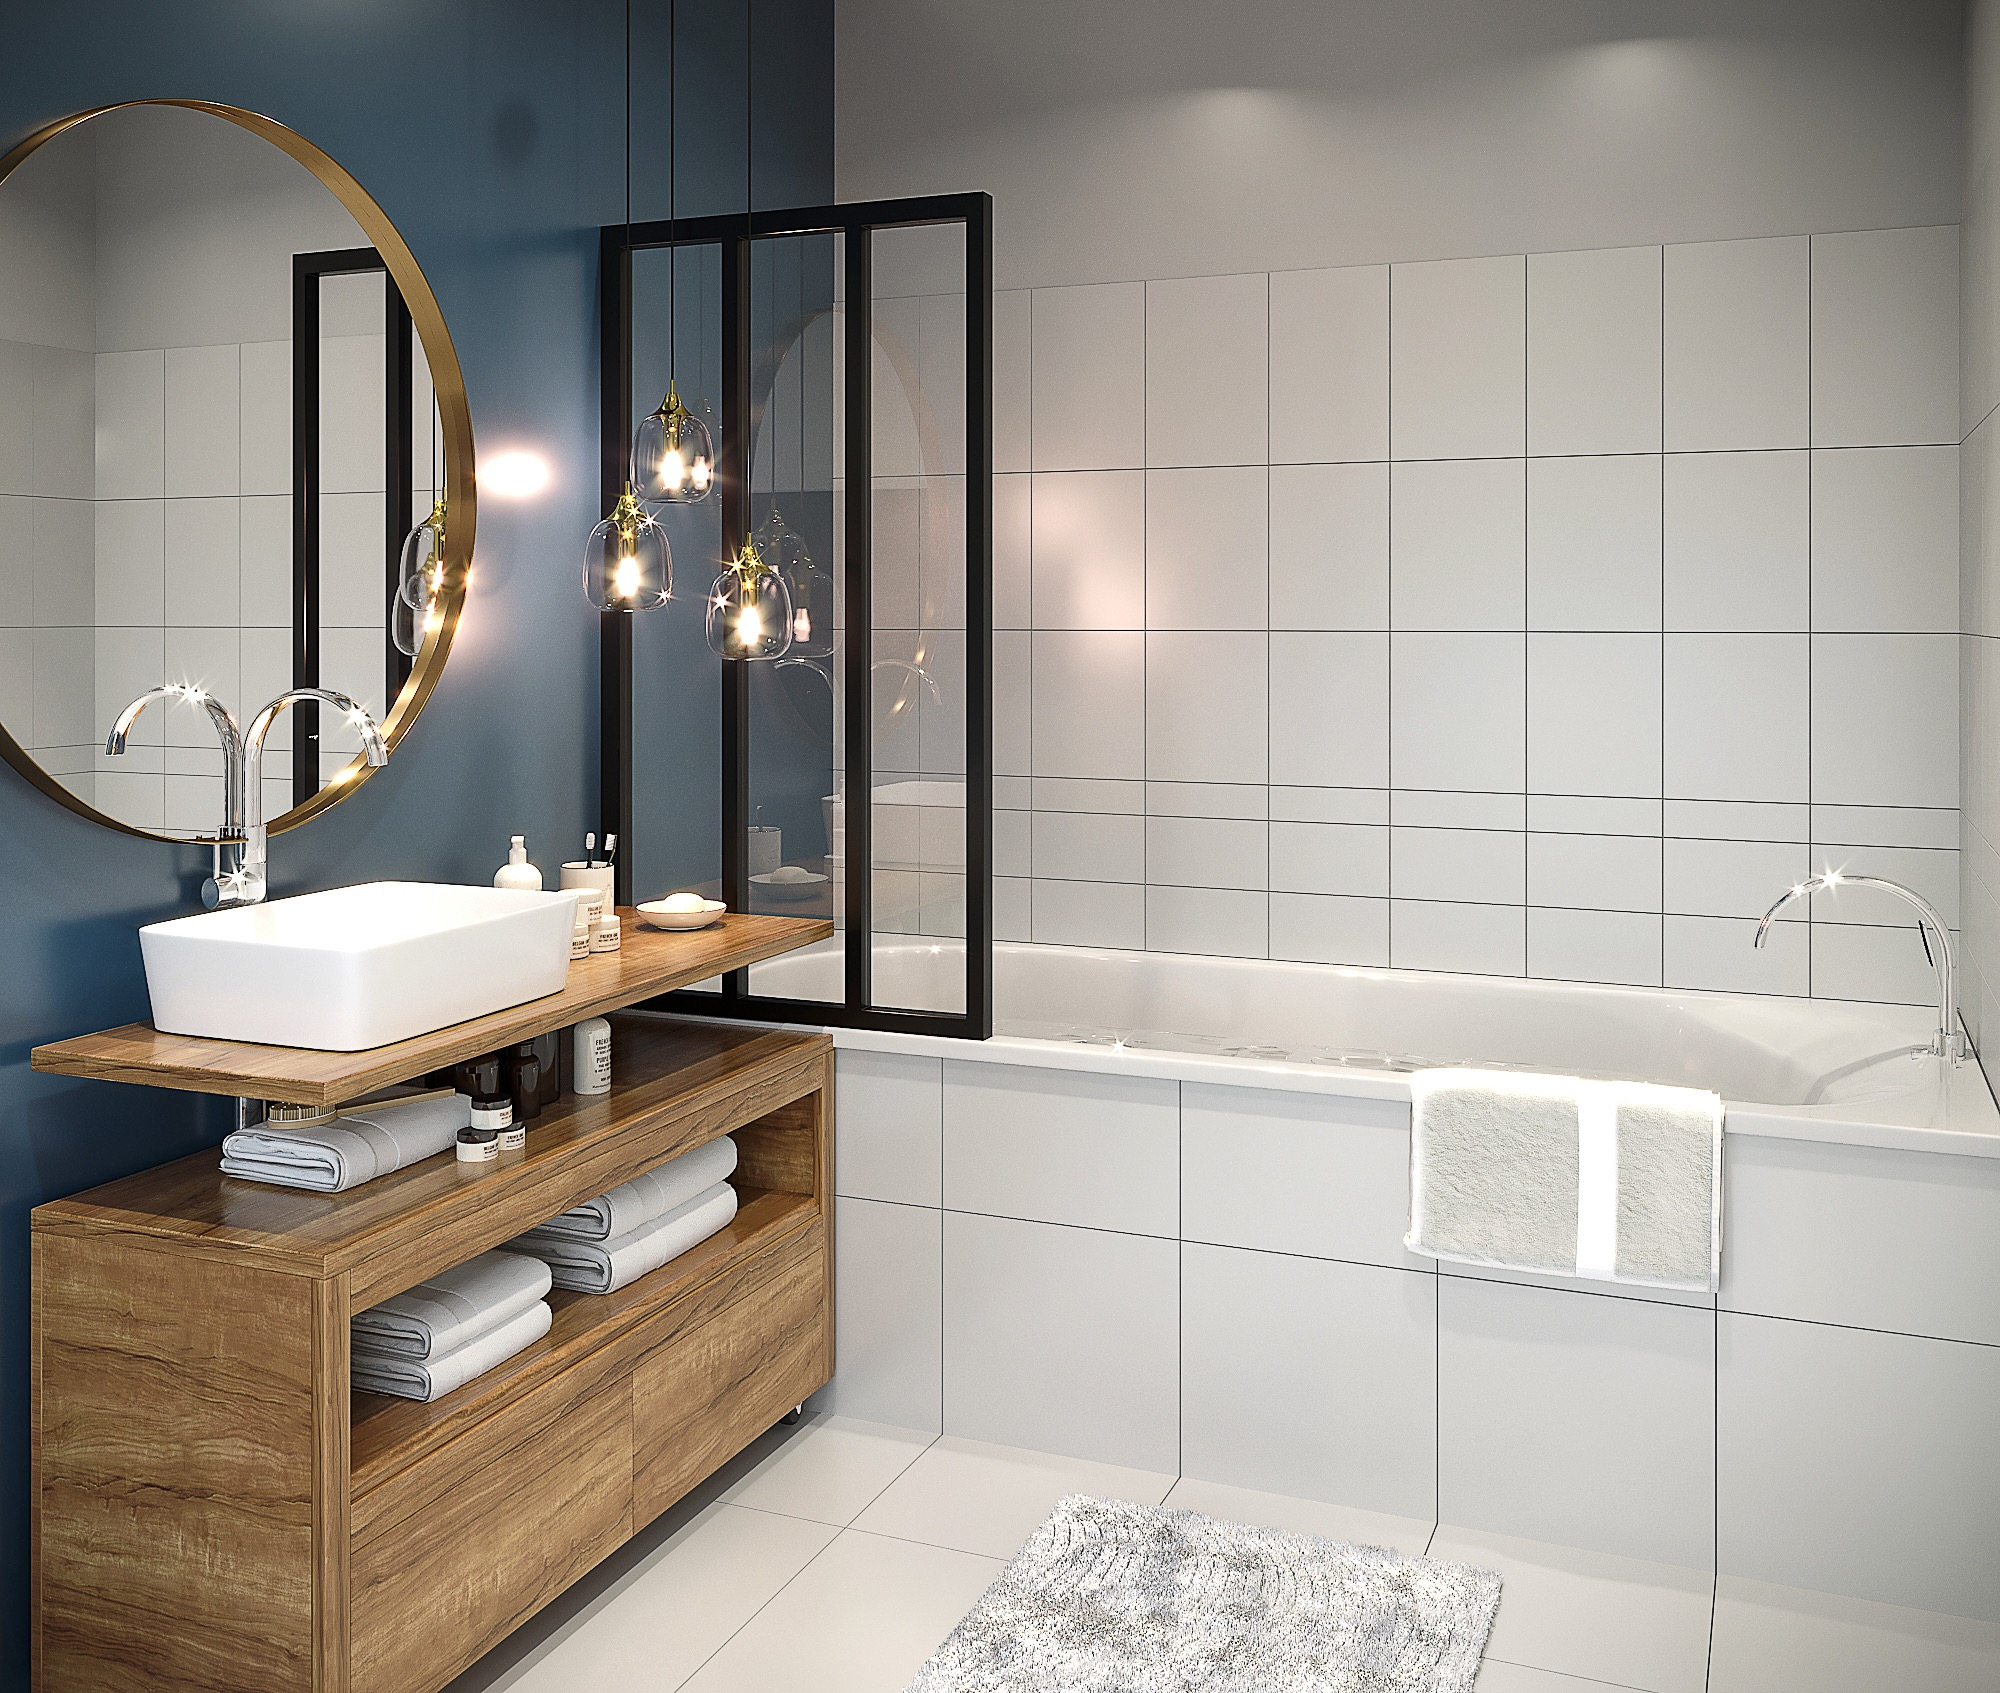 Comment Relooker Une Salle De Bains ? - Madame Figaro destiné Photo De Salle De Bain